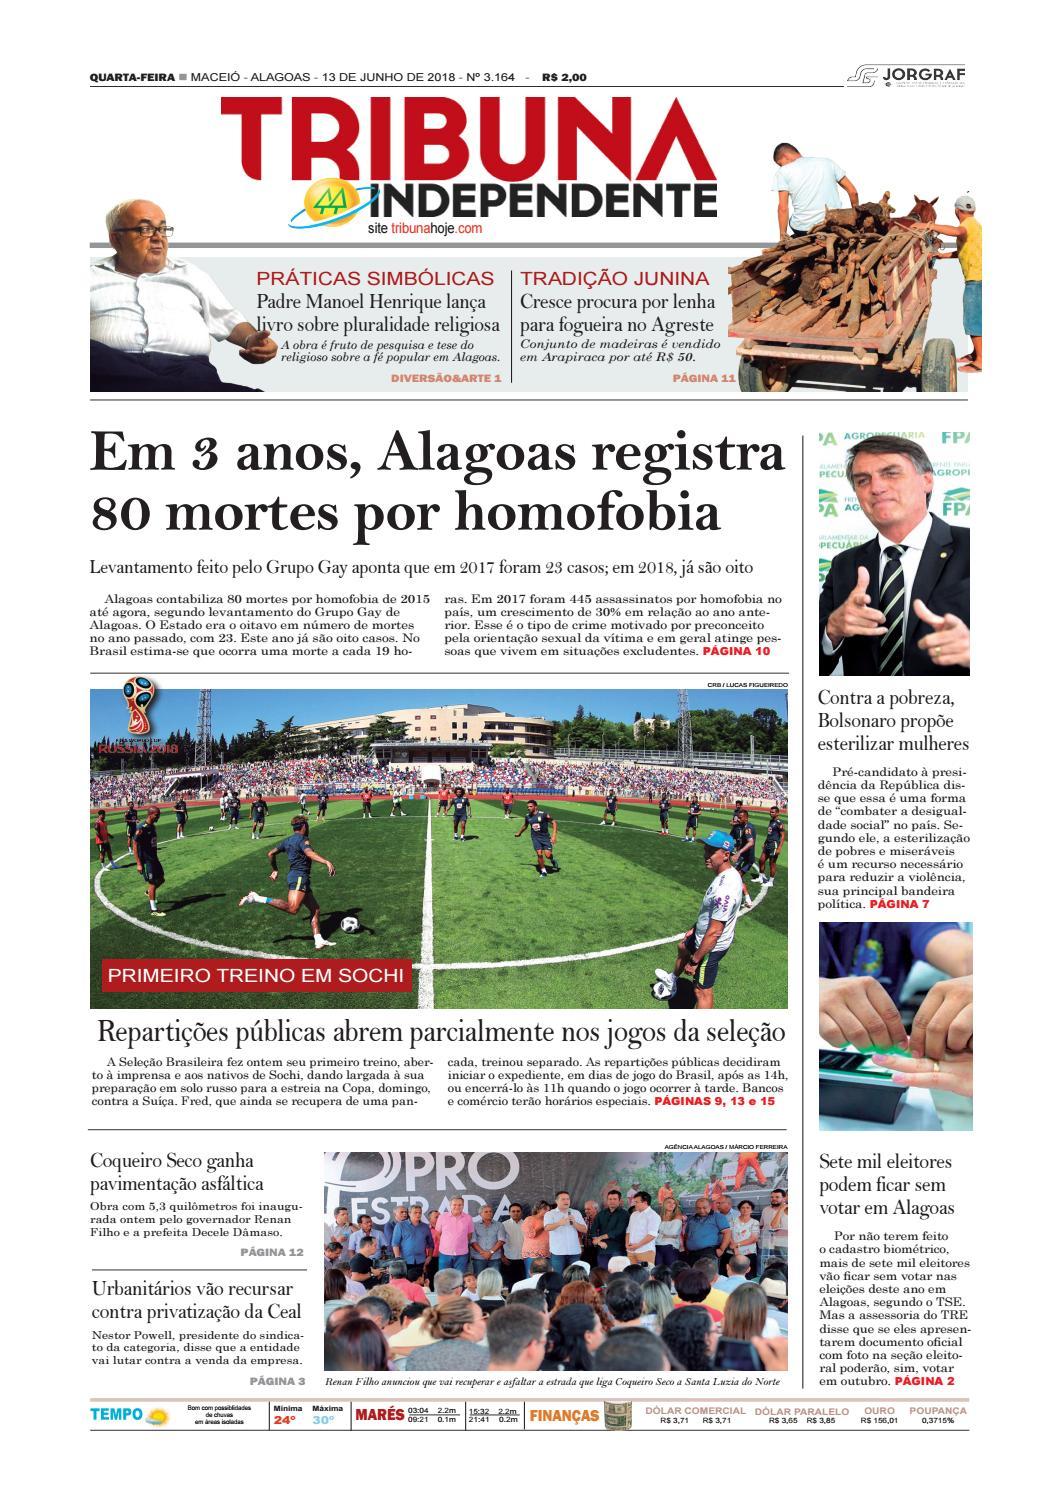 13daf81ca8 Edição número 3164 – 13 de junho de 2018 by Tribuna Hoje - issuu